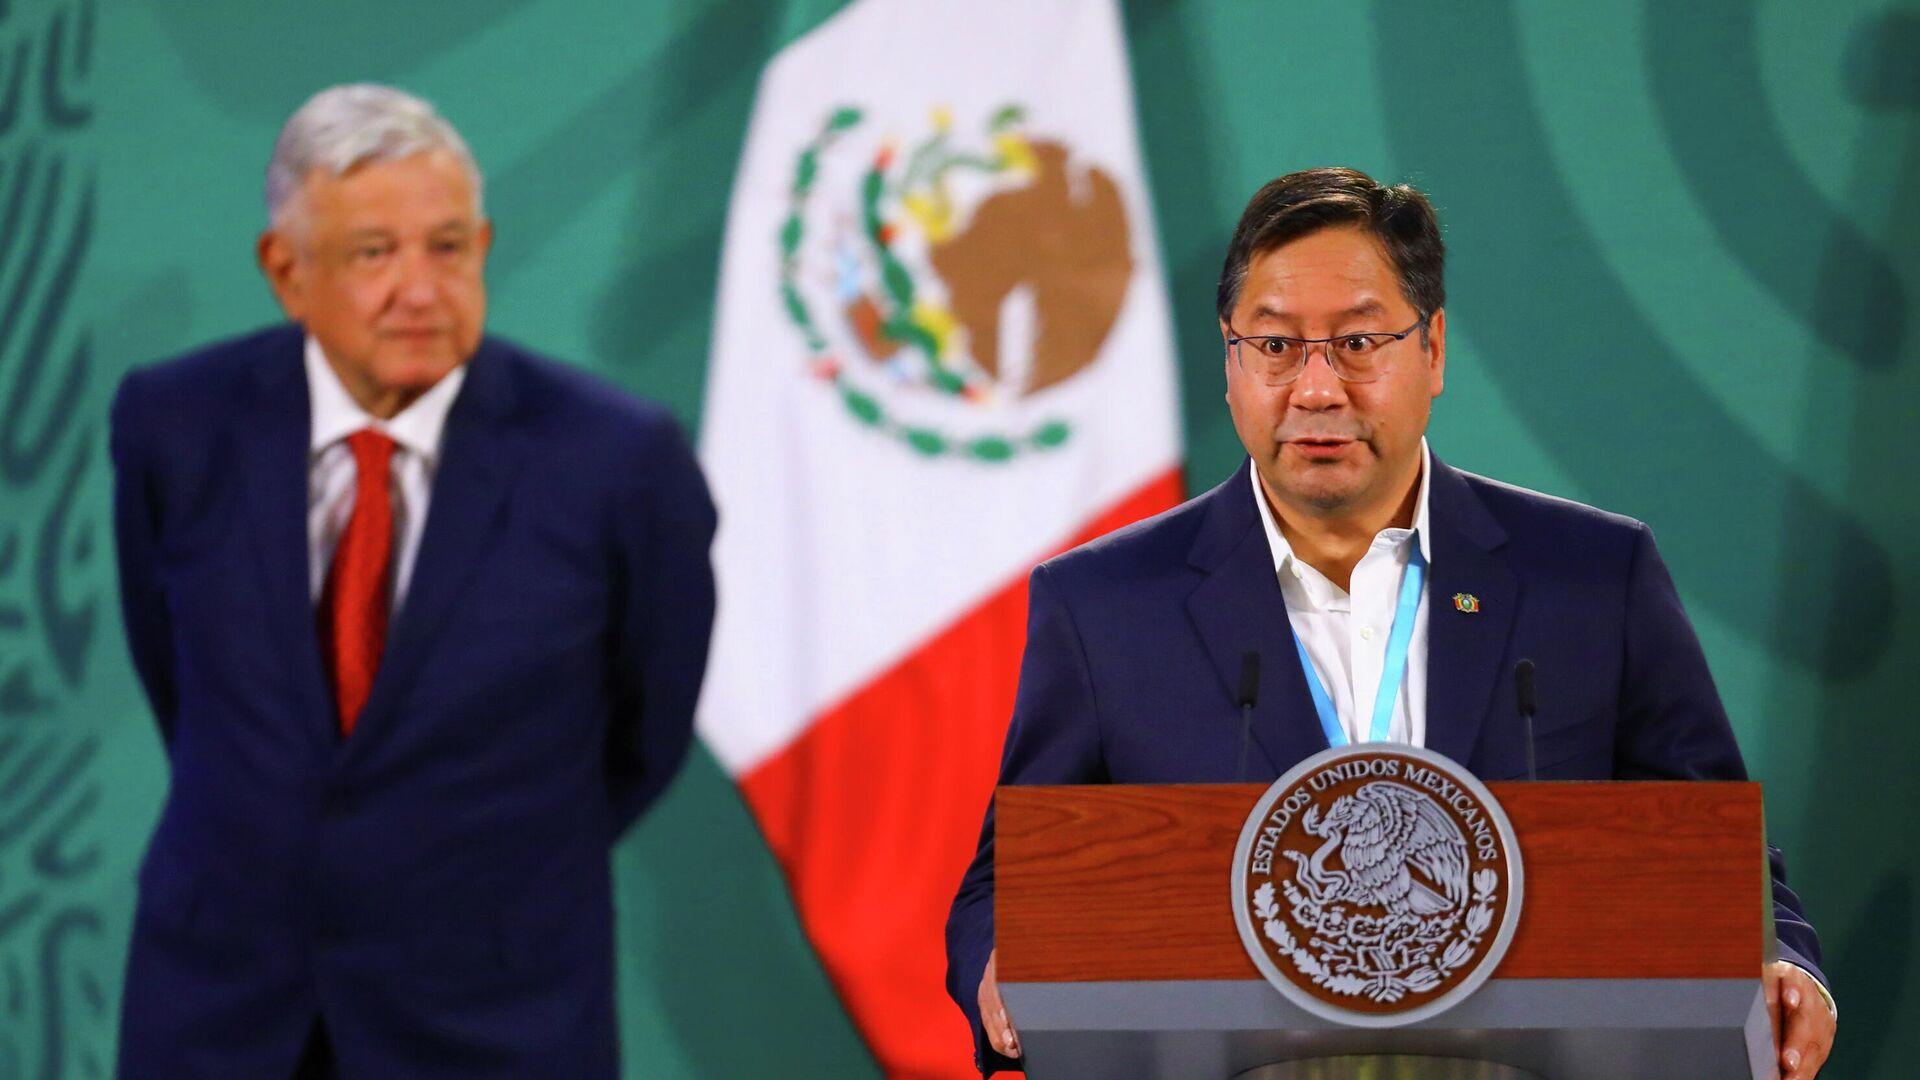 El presidente de México, Andrés Manuel López Obrador, y su homólogo de Bolivia, Luis Arce  - Sputnik Mundo, 1920, 25.03.2021